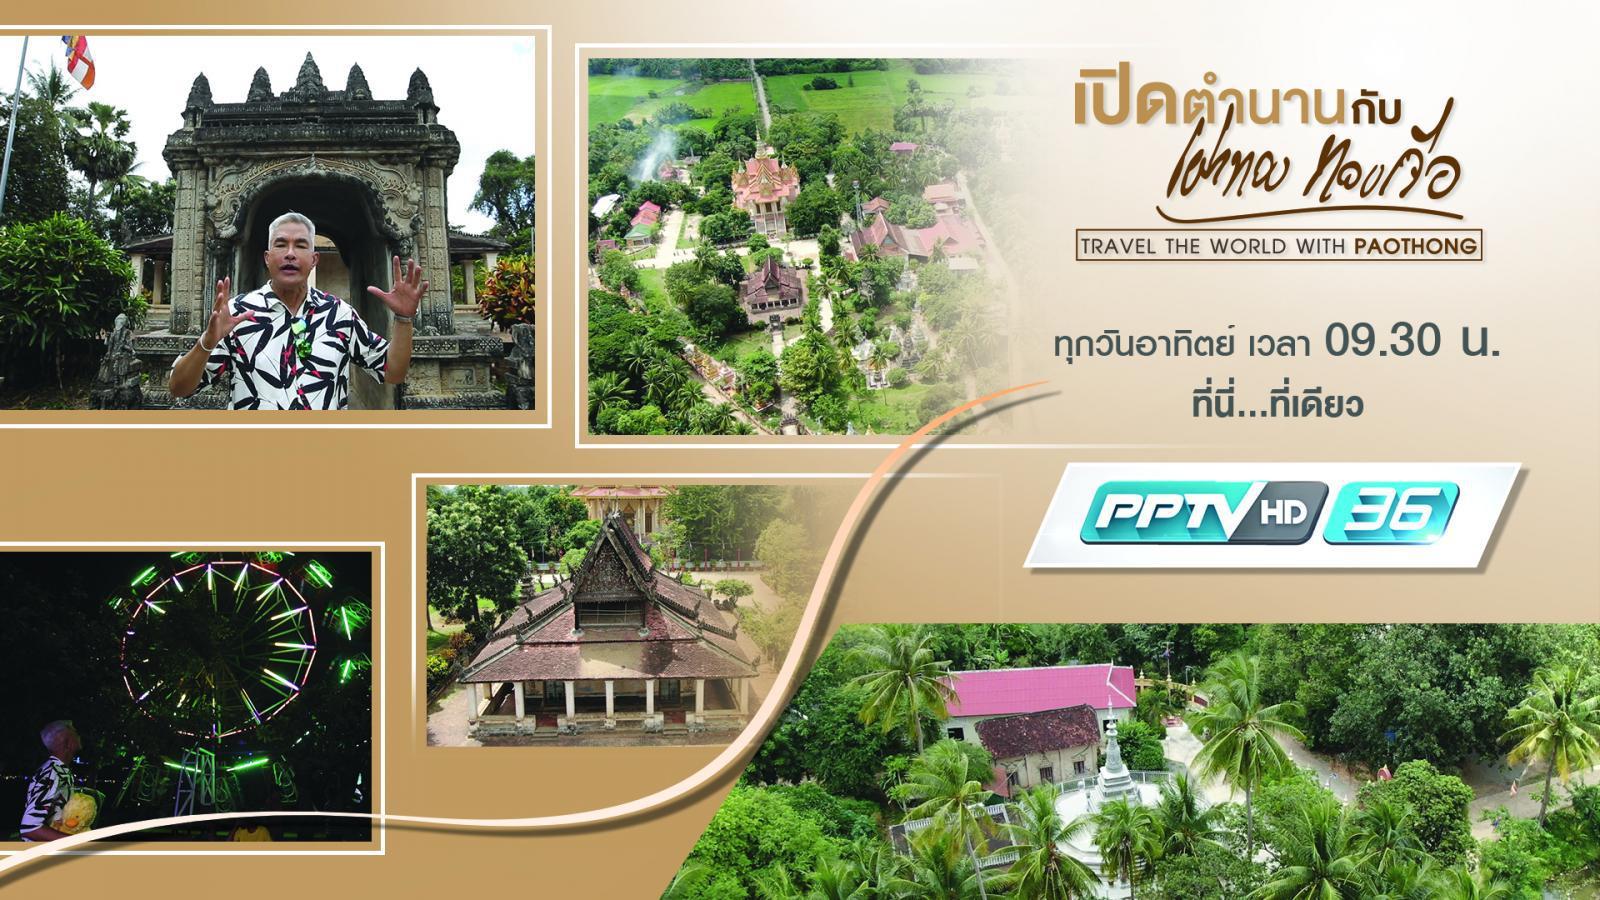 ตามรอยเขมรแดง เมืองพระตะบอง ประเทศกัมพูชา